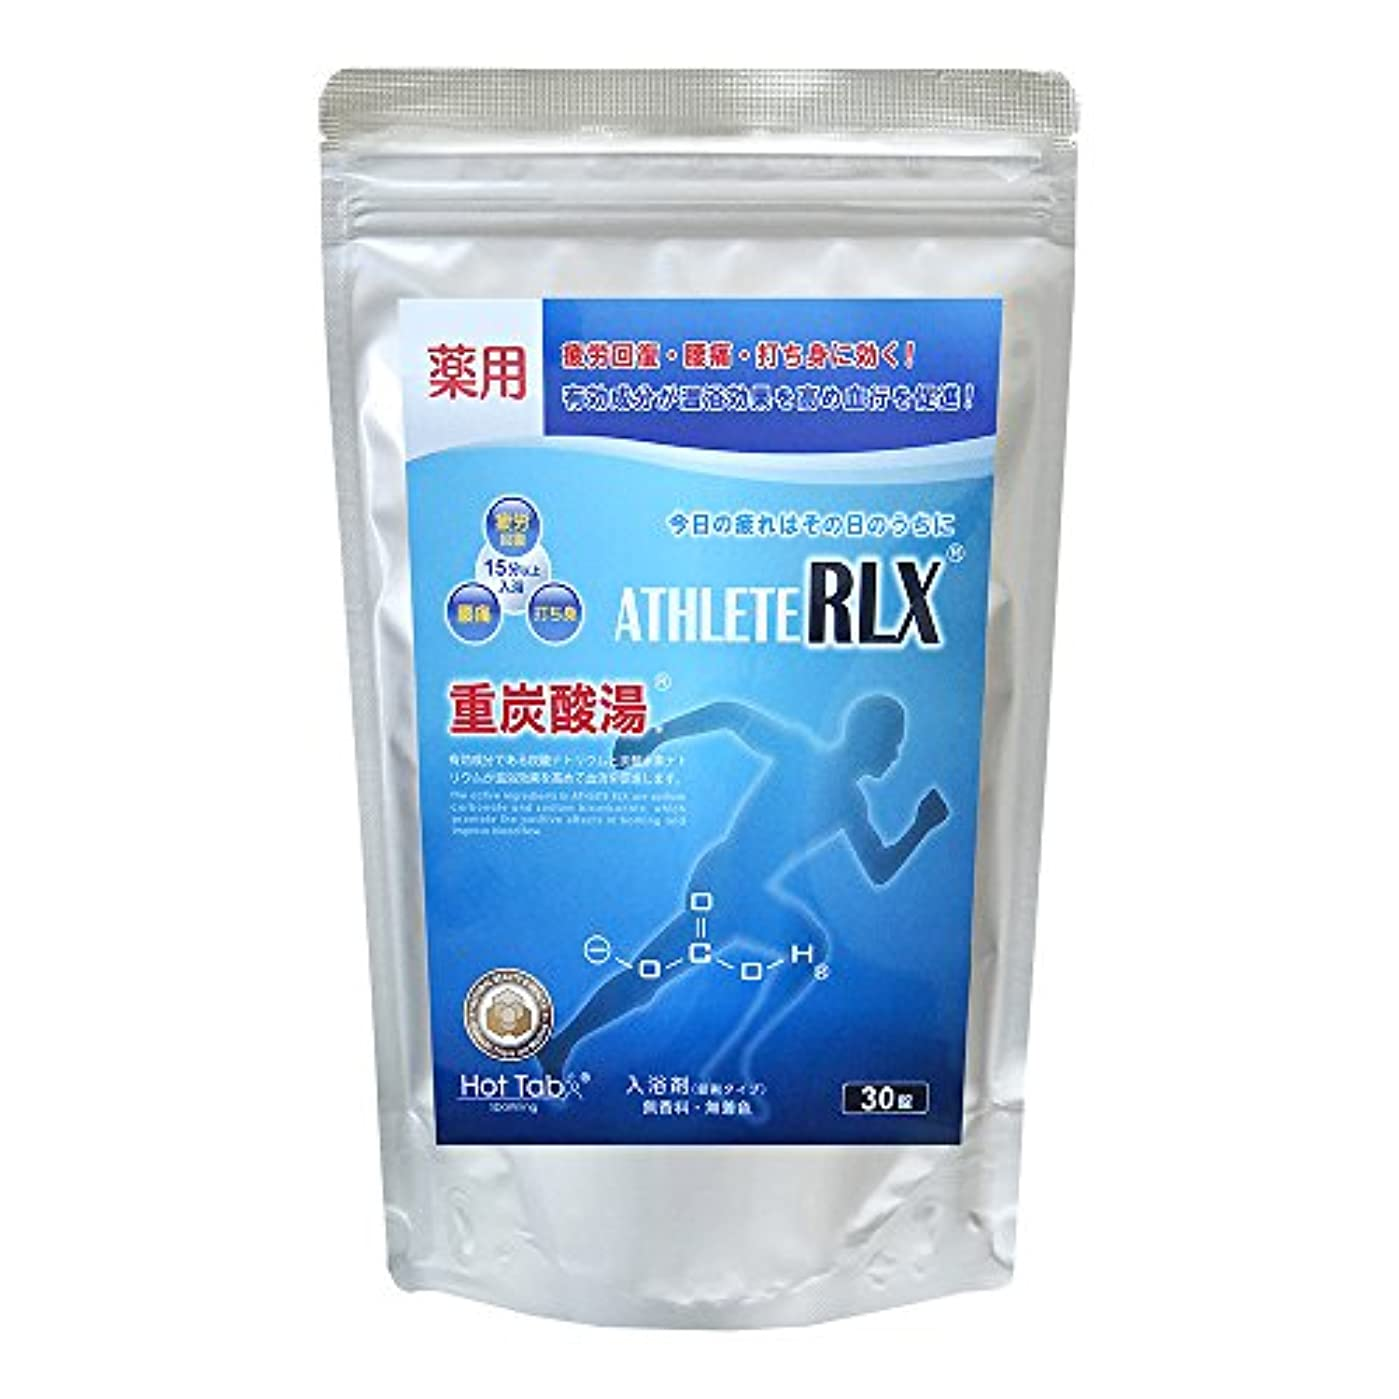 配送ヒゲペニーホットアルバムコム ATHLETE RLX(アスリートRLX) 薬用 30錠入り